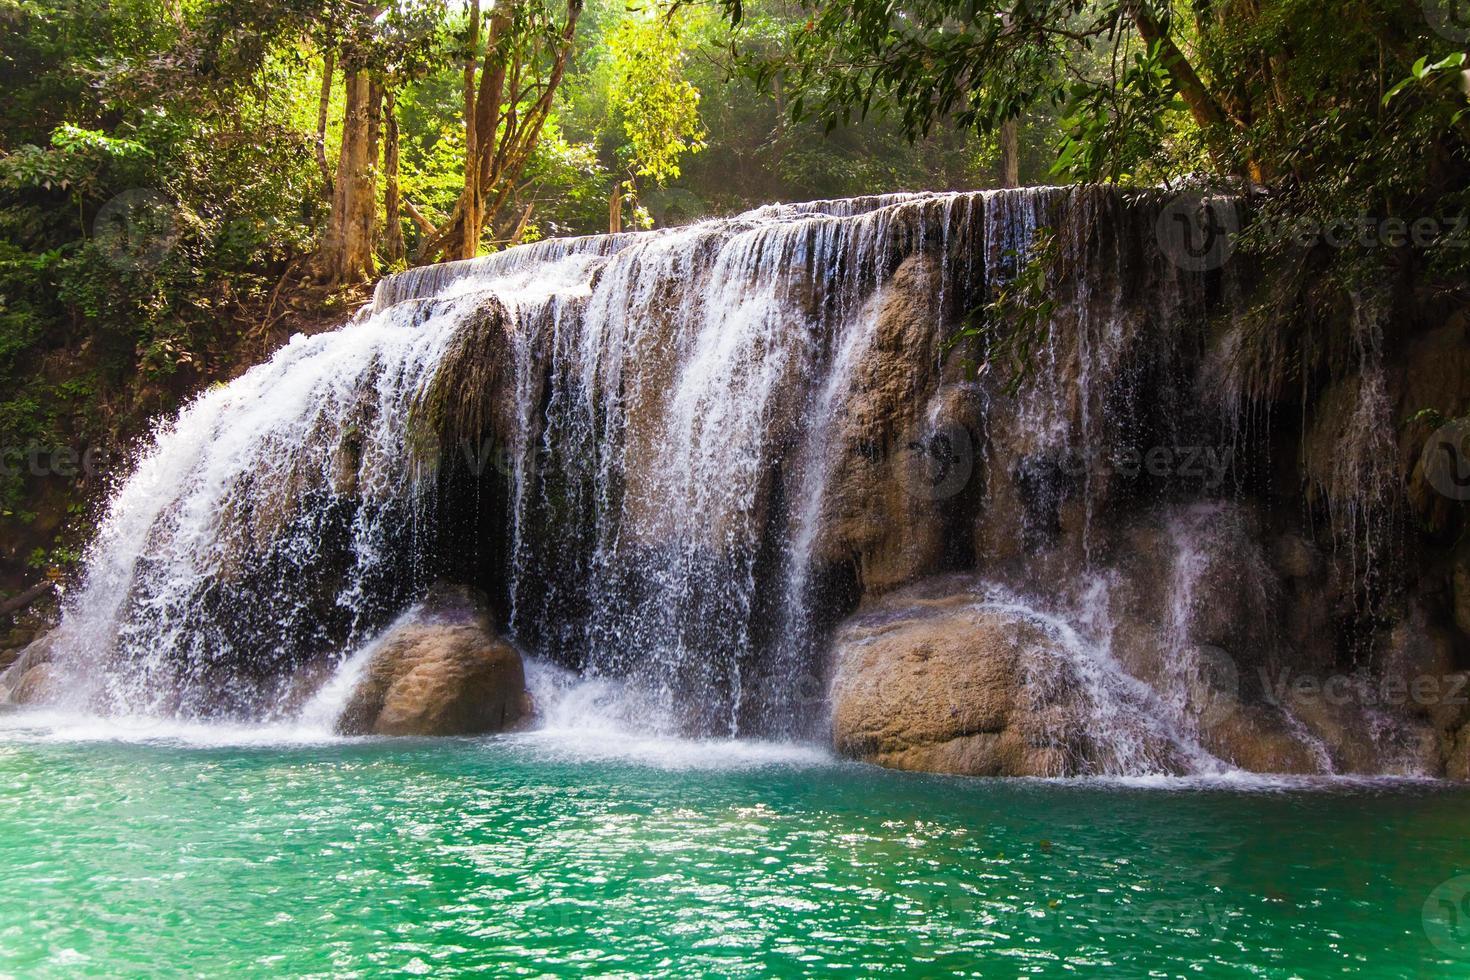 cascada de erawan, kanchanaburi, tailandia. foto